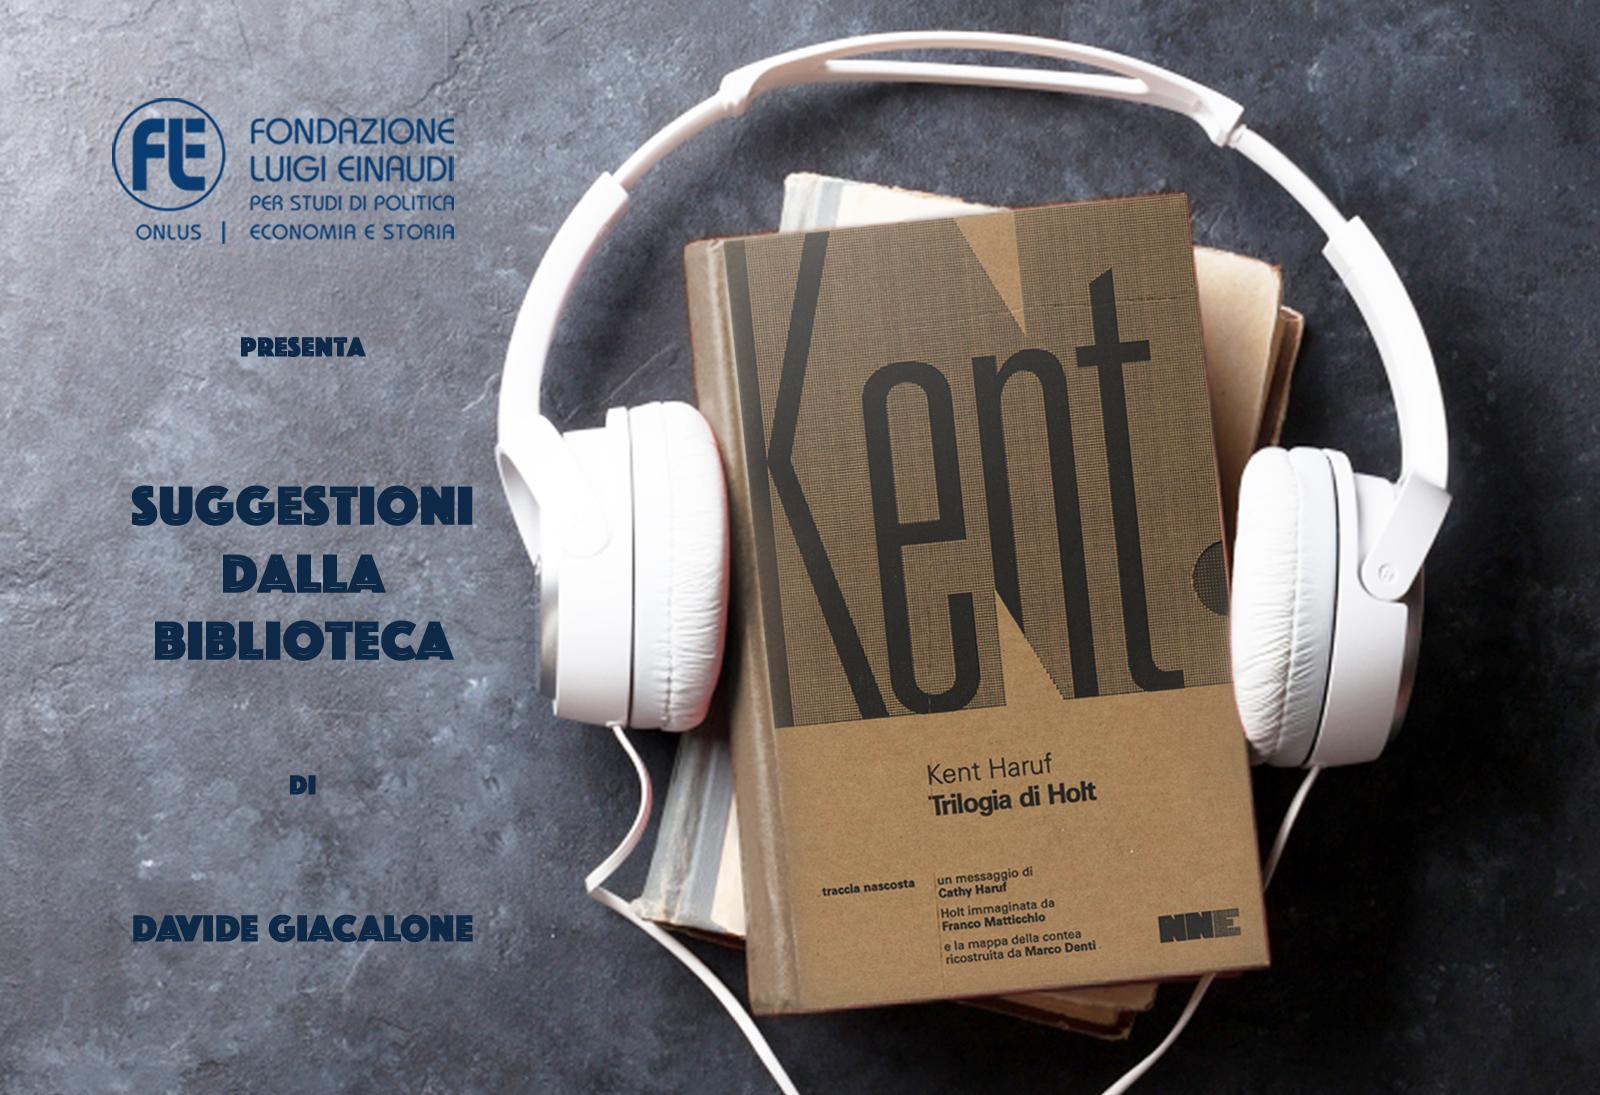 Kent Haruf – Trilogia di Holt